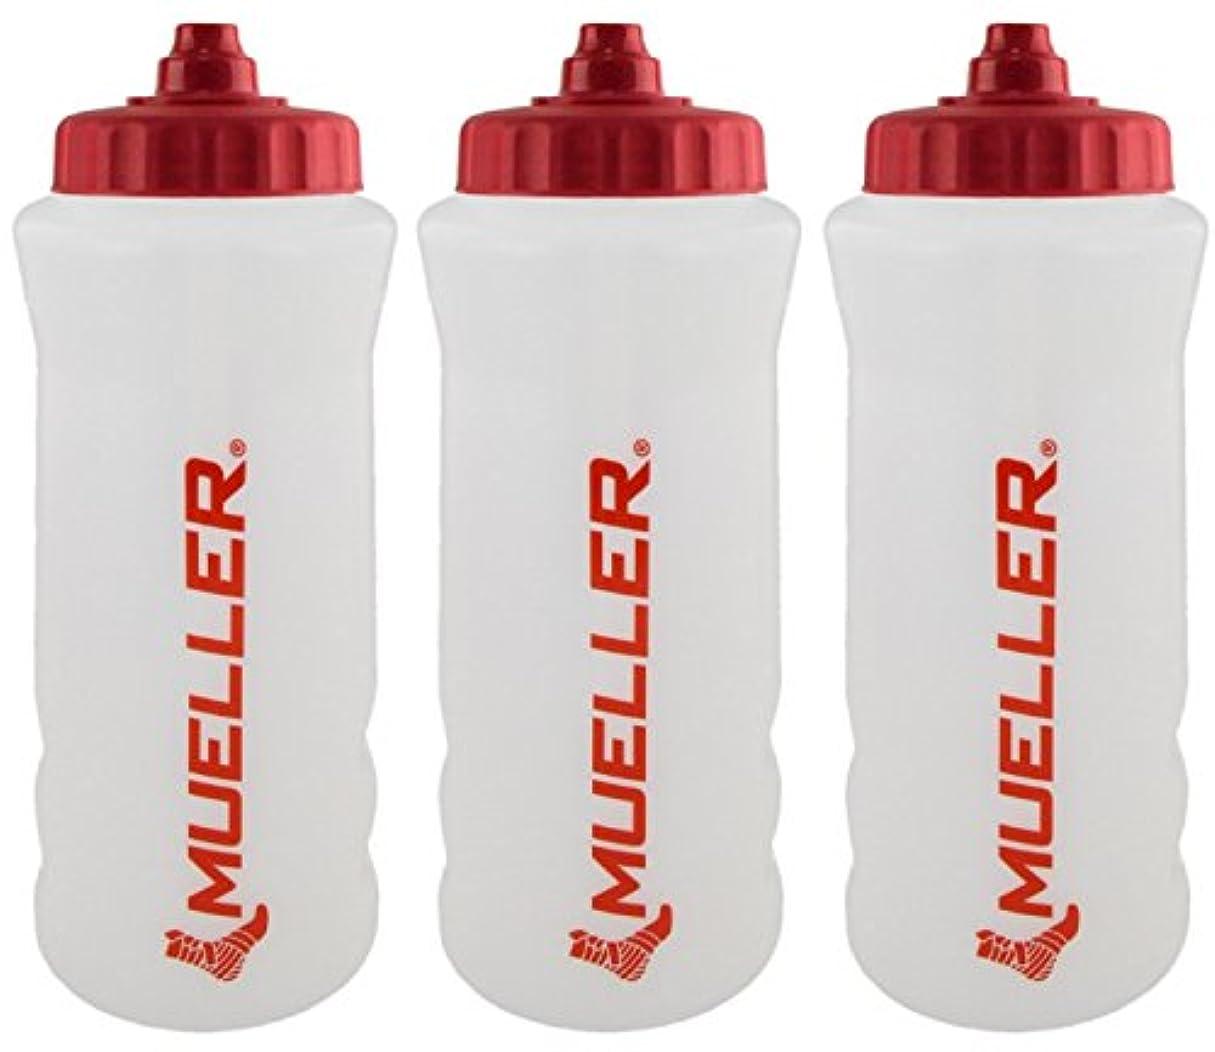 死市場スプーンMueller QuartボトルW / Sureshot Squeeze (新しいデザイン、ナチュラルカラーW /レッドLetters